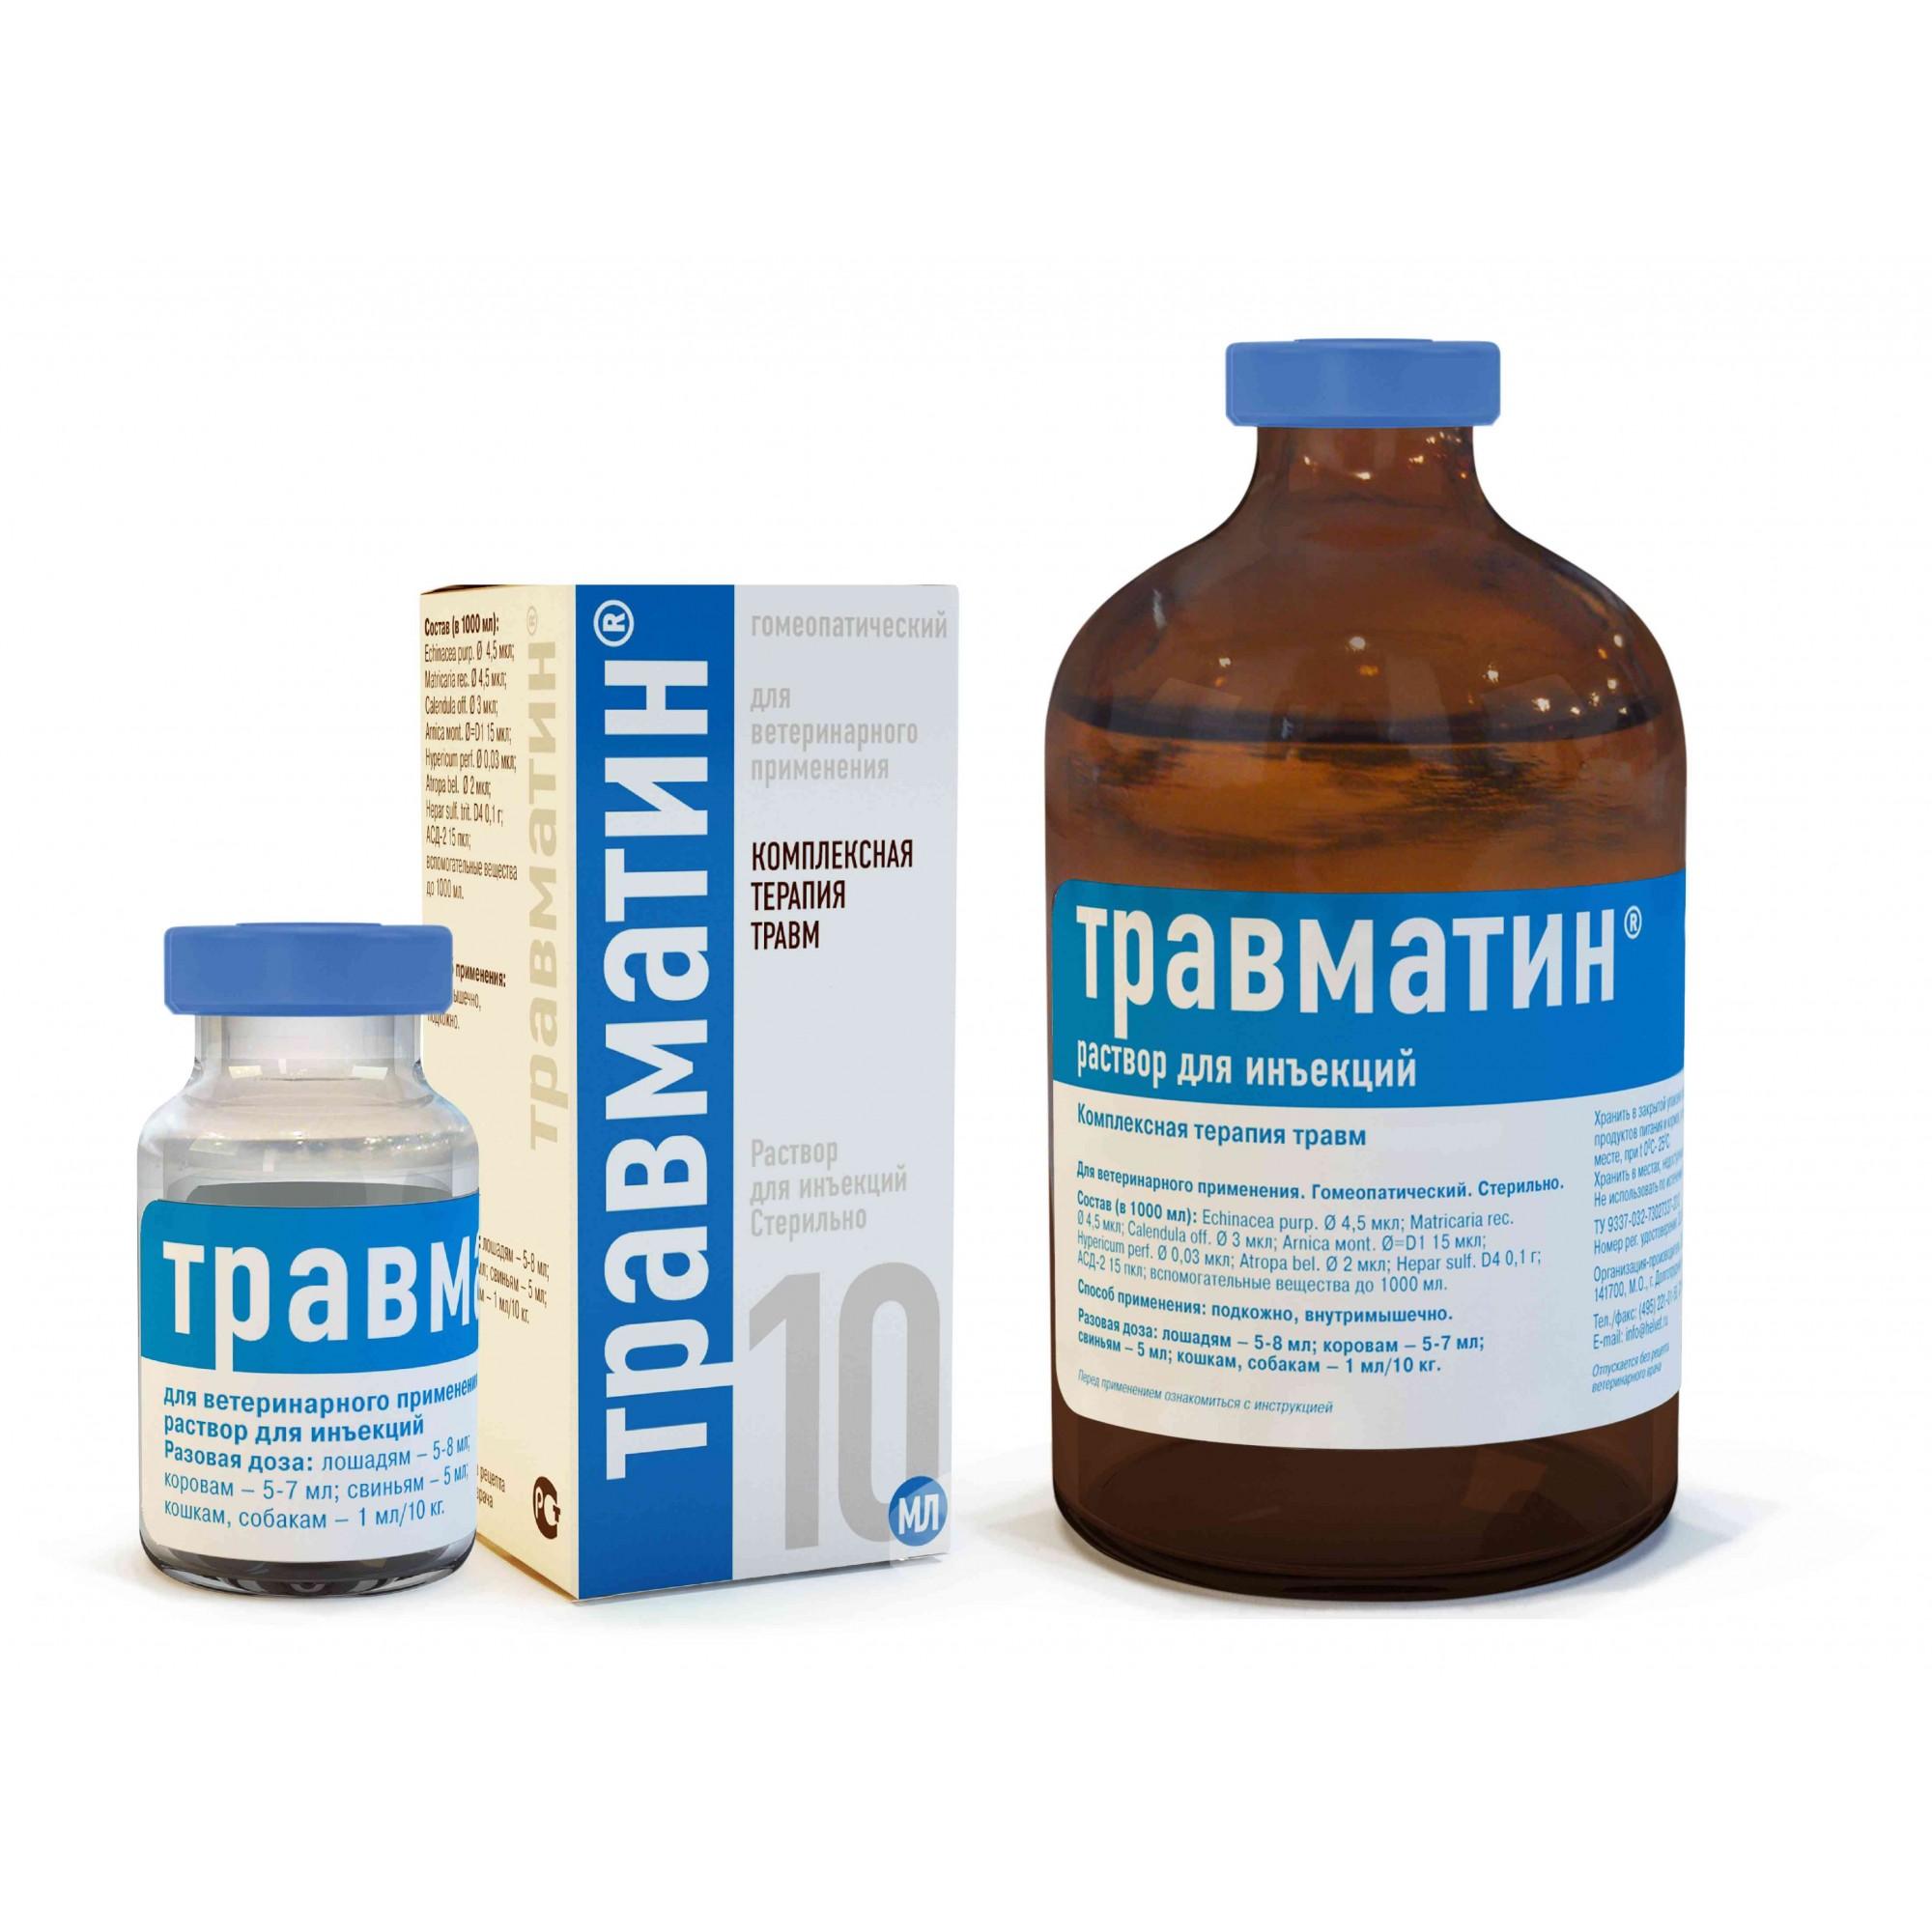 Травматин® - препарат для лечения травм. Быстро восстанавливает поврежденные ткани. Предупреждает травмы родовых путей.